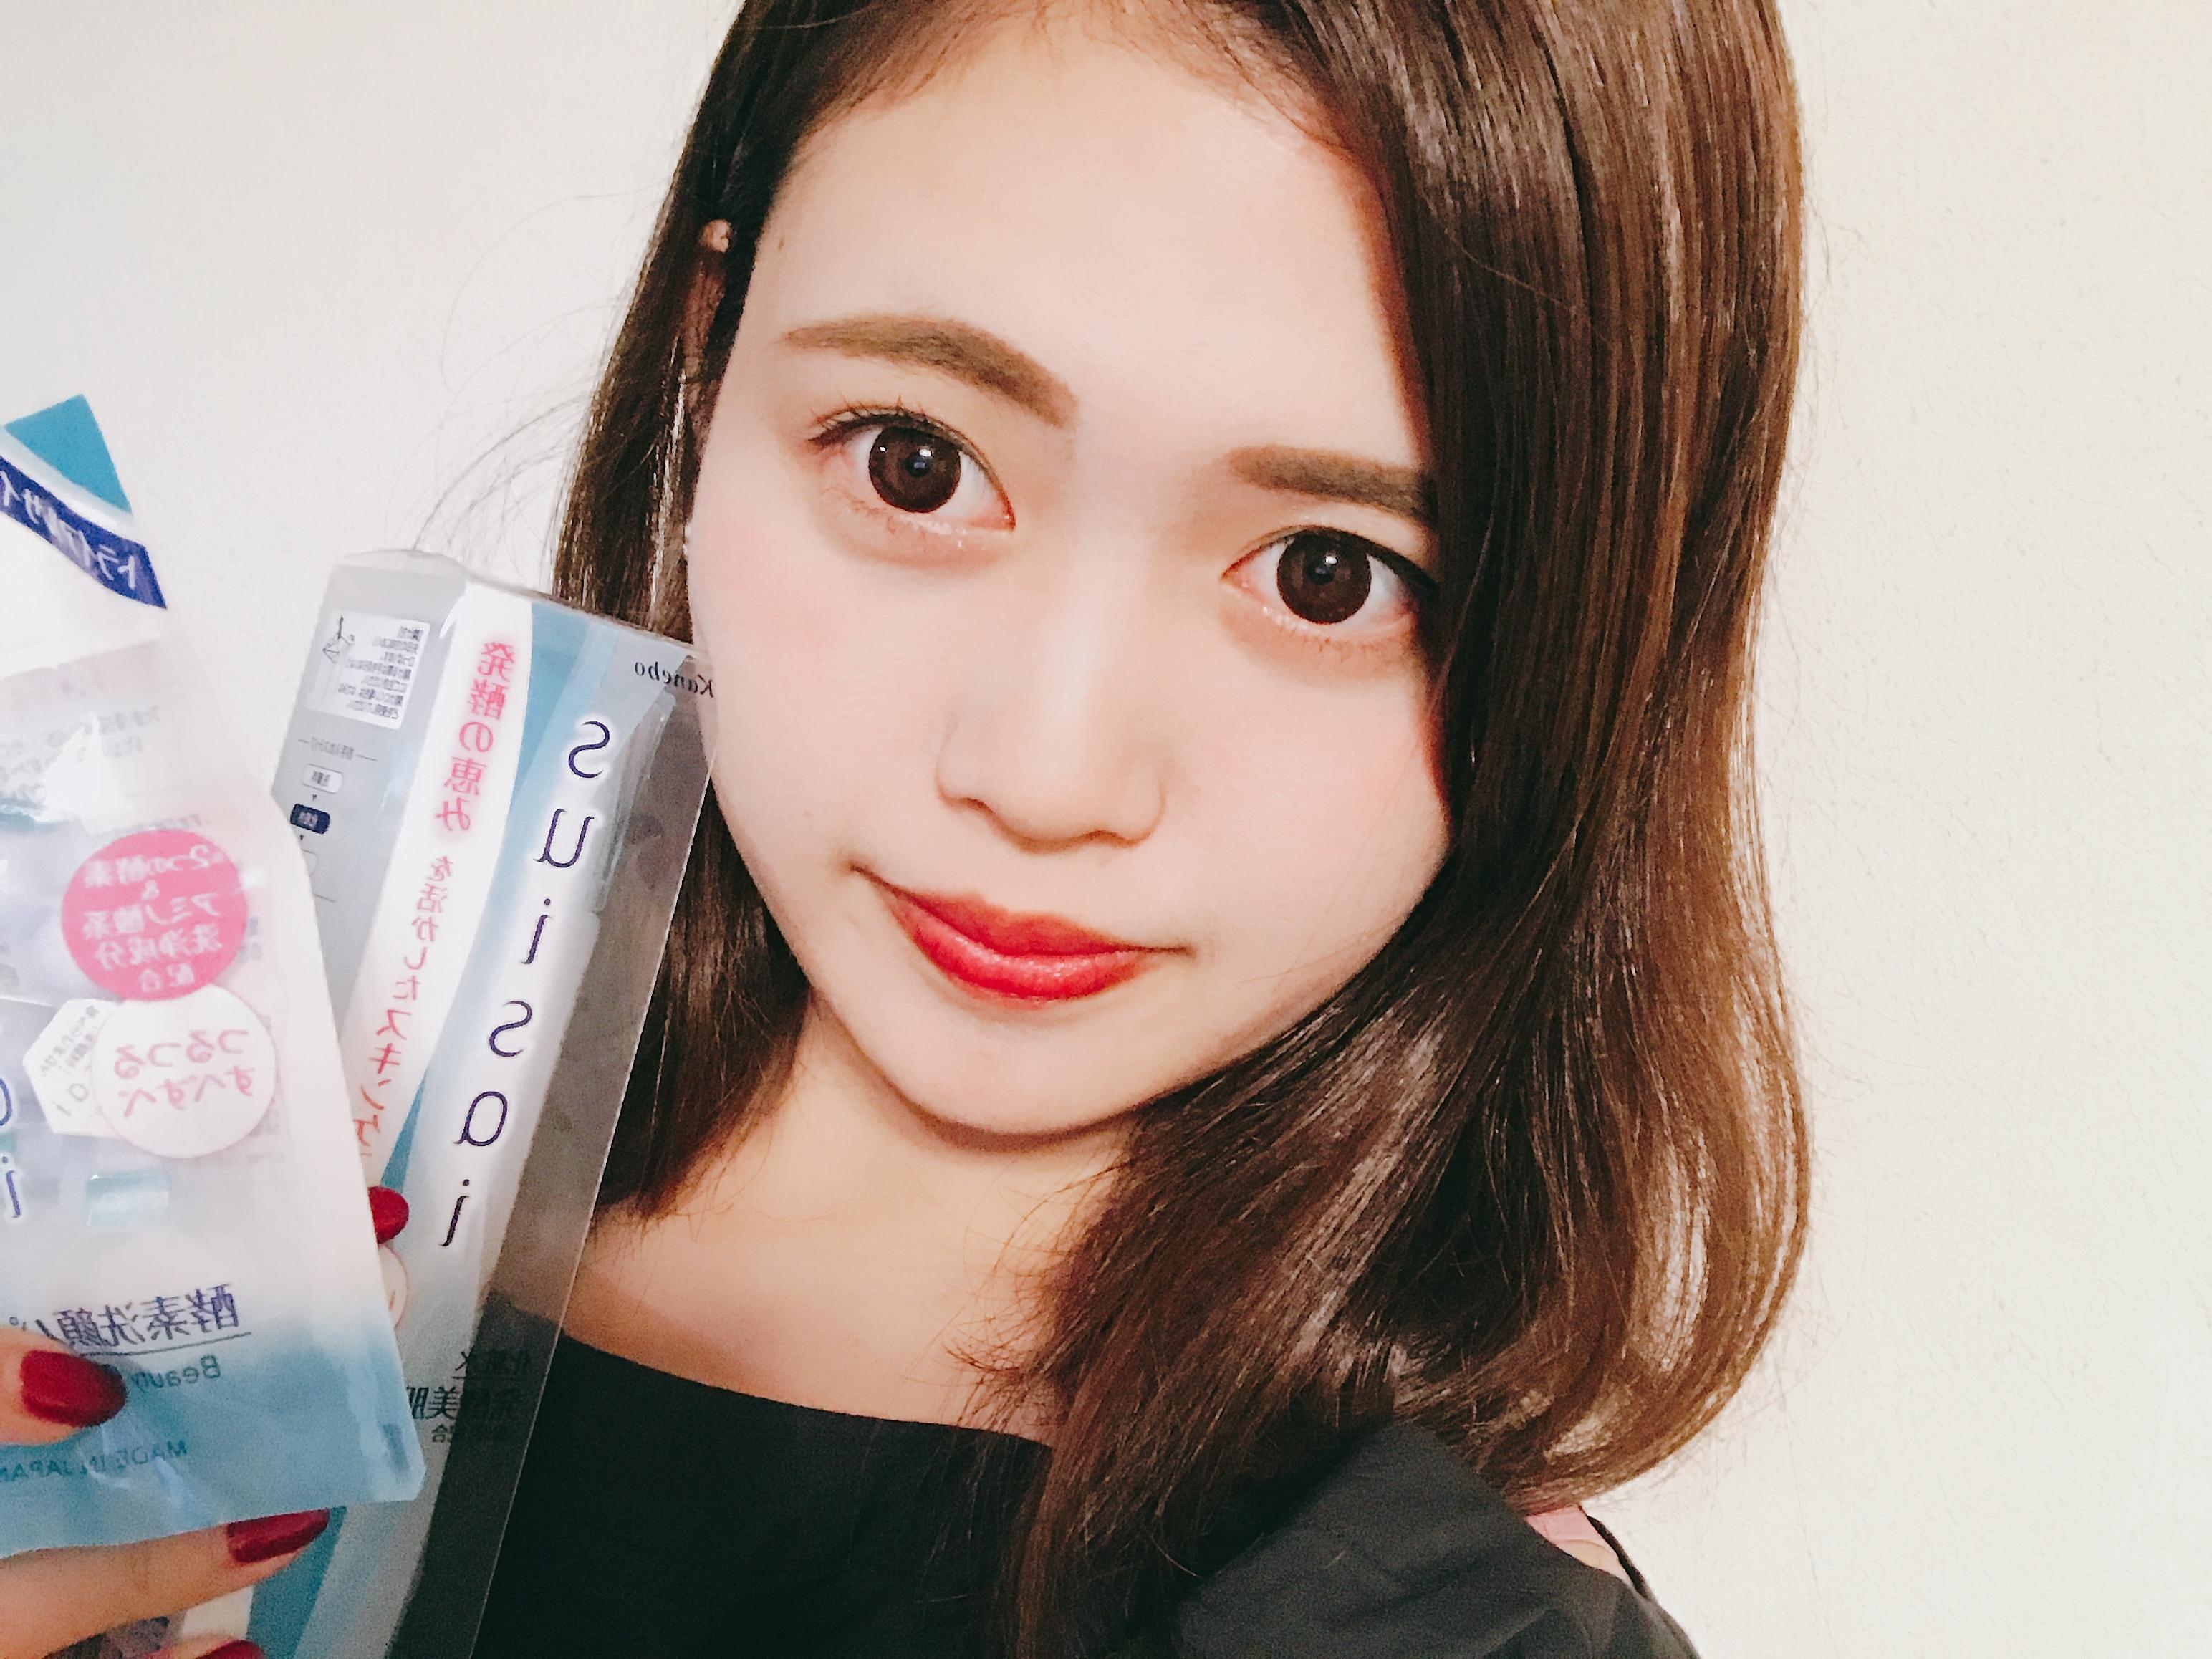 【気になる化粧品を紹介!】suisai 酵素洗顔パウダー&化粧水ˆᴗˆ♡♡_1_1